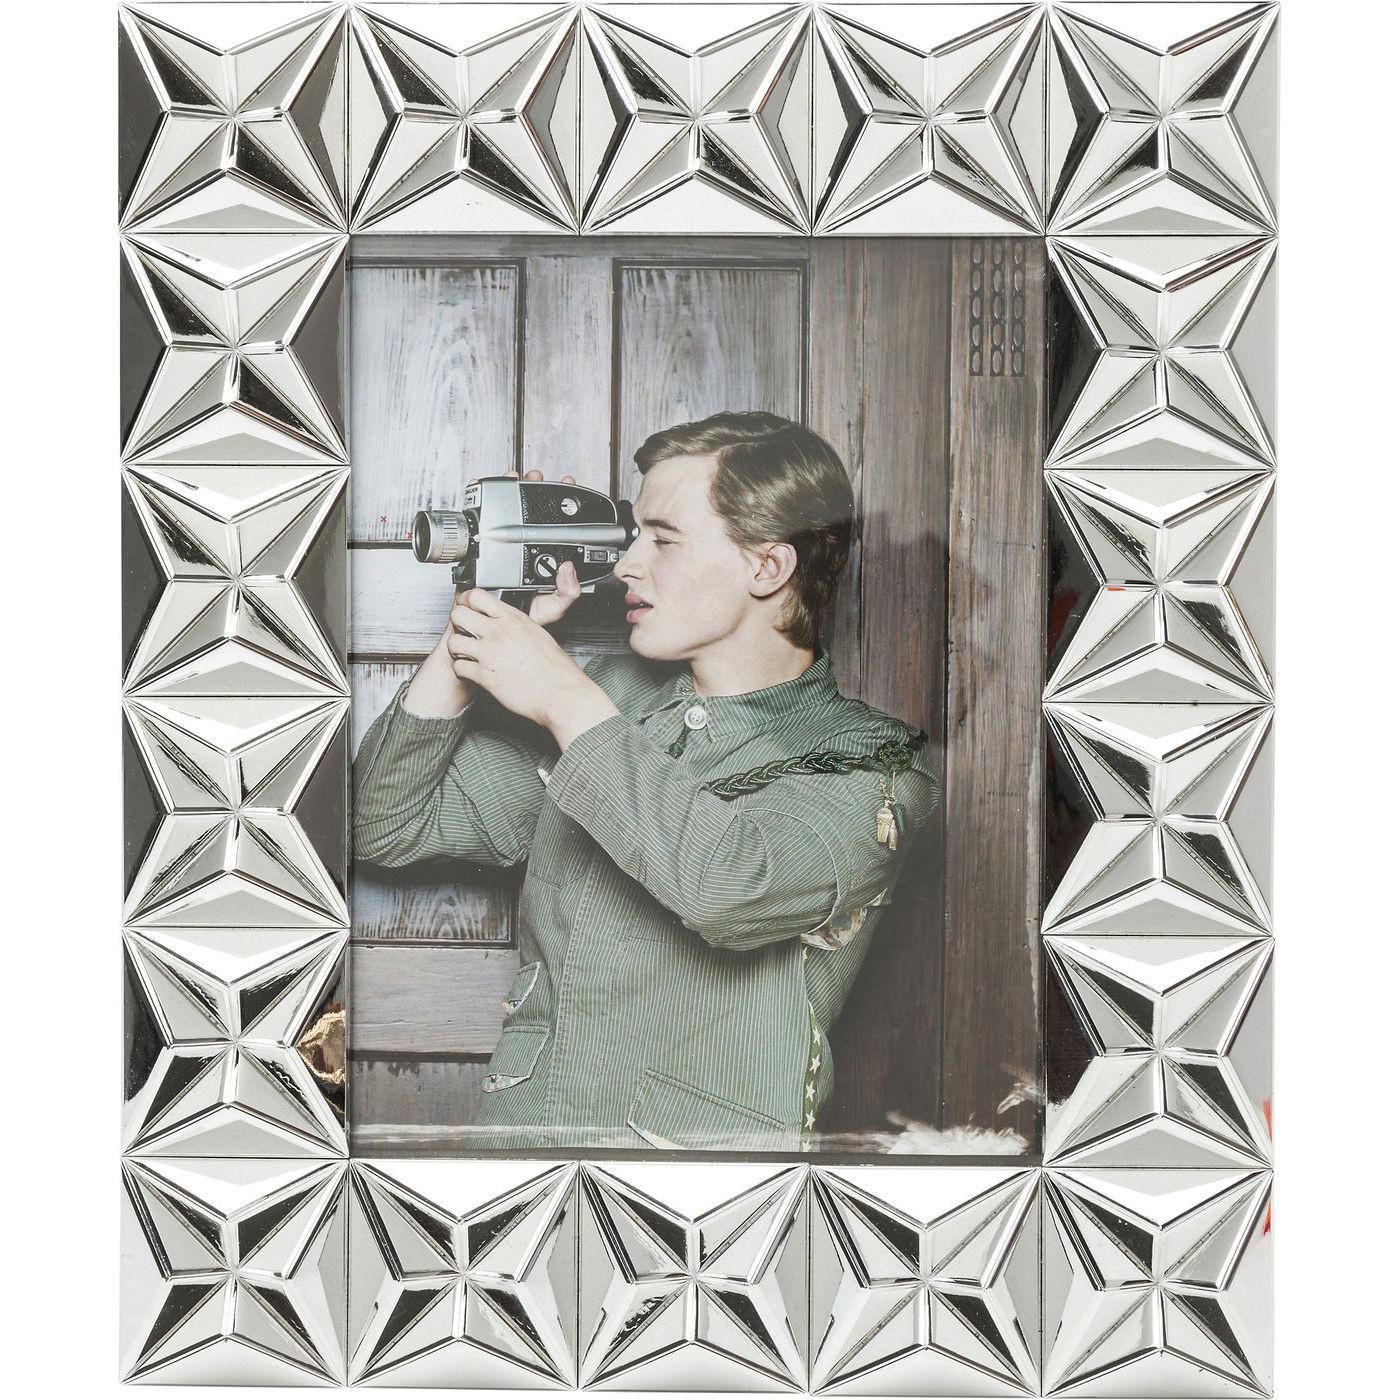 rahmen punch silver 13x18cm kare design mutoni m bel. Black Bedroom Furniture Sets. Home Design Ideas